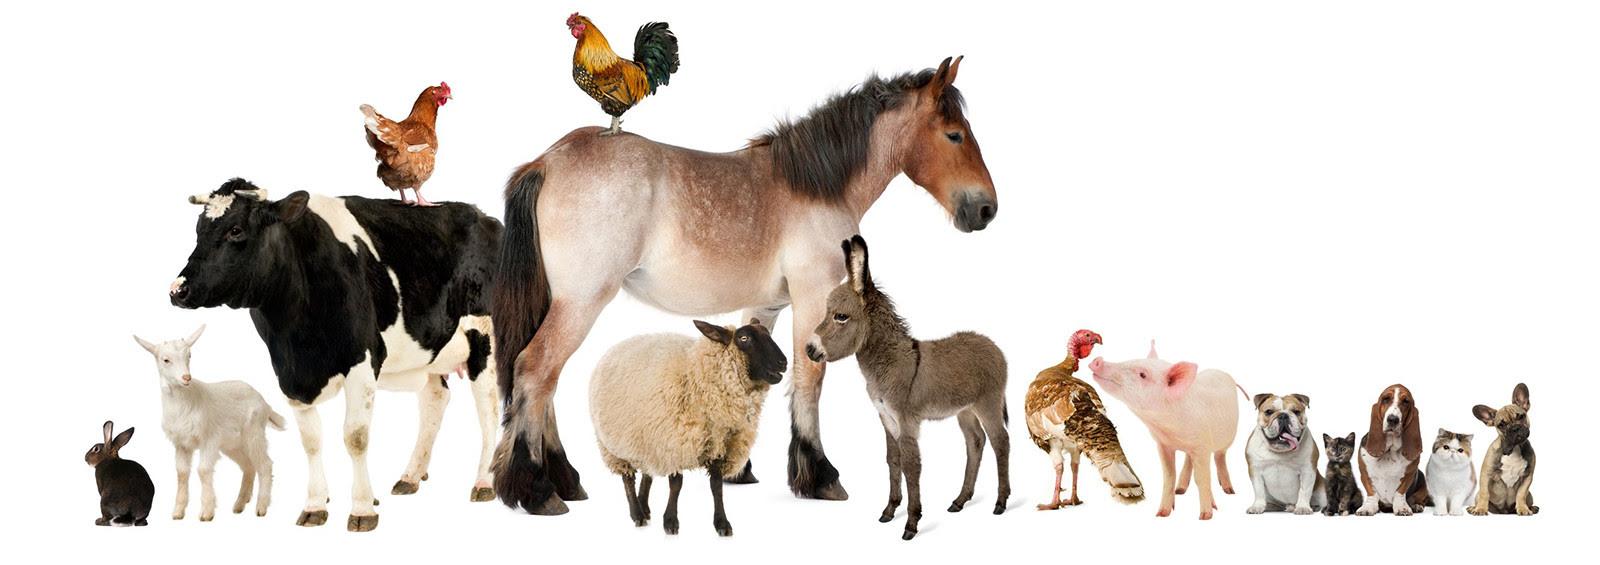 """Résultat de recherche d'images pour """"tout les animaux de la ferme"""""""